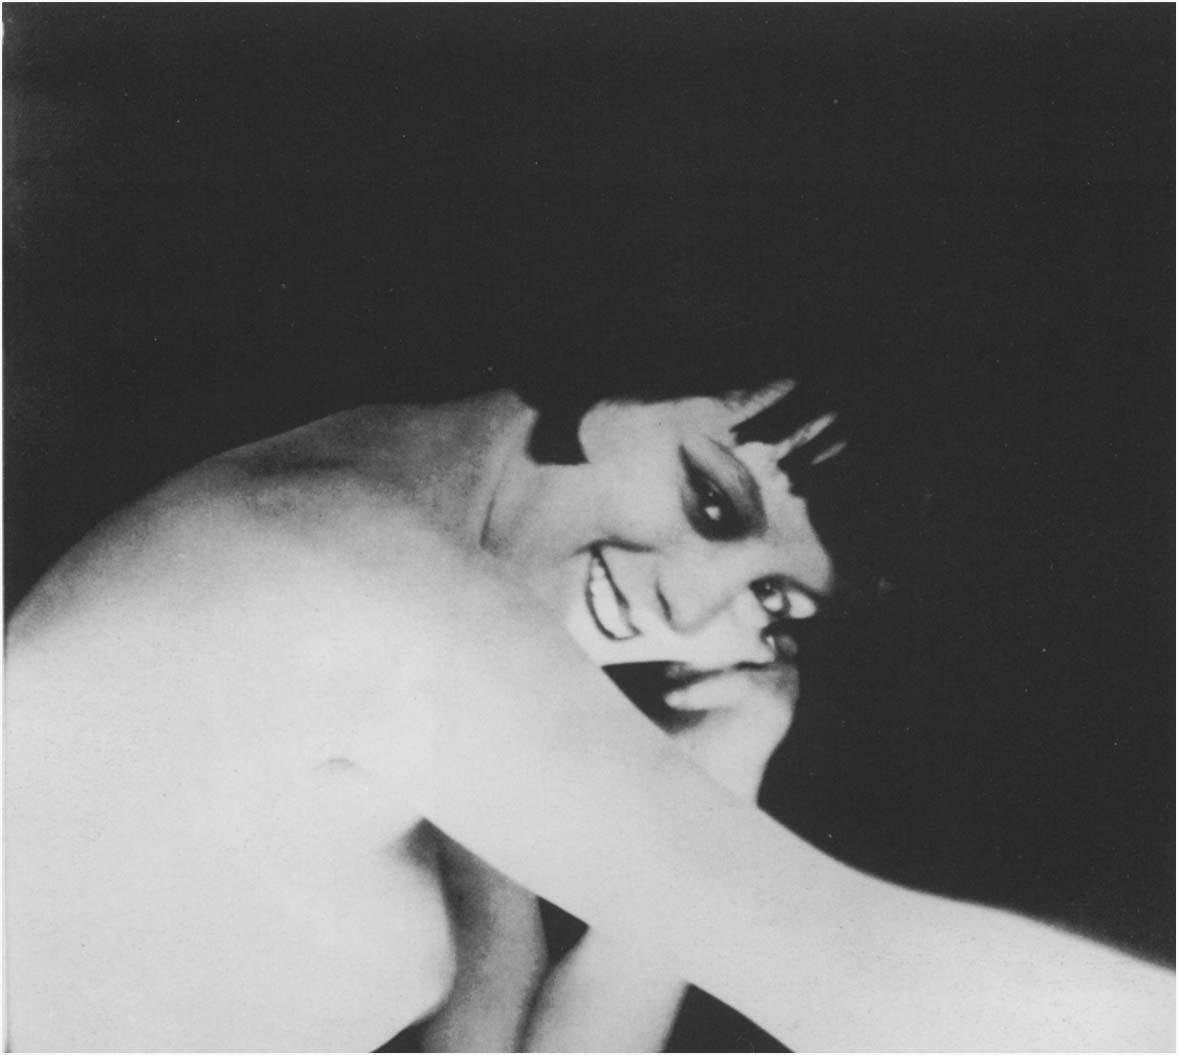 Kiki modèle de Man Ray